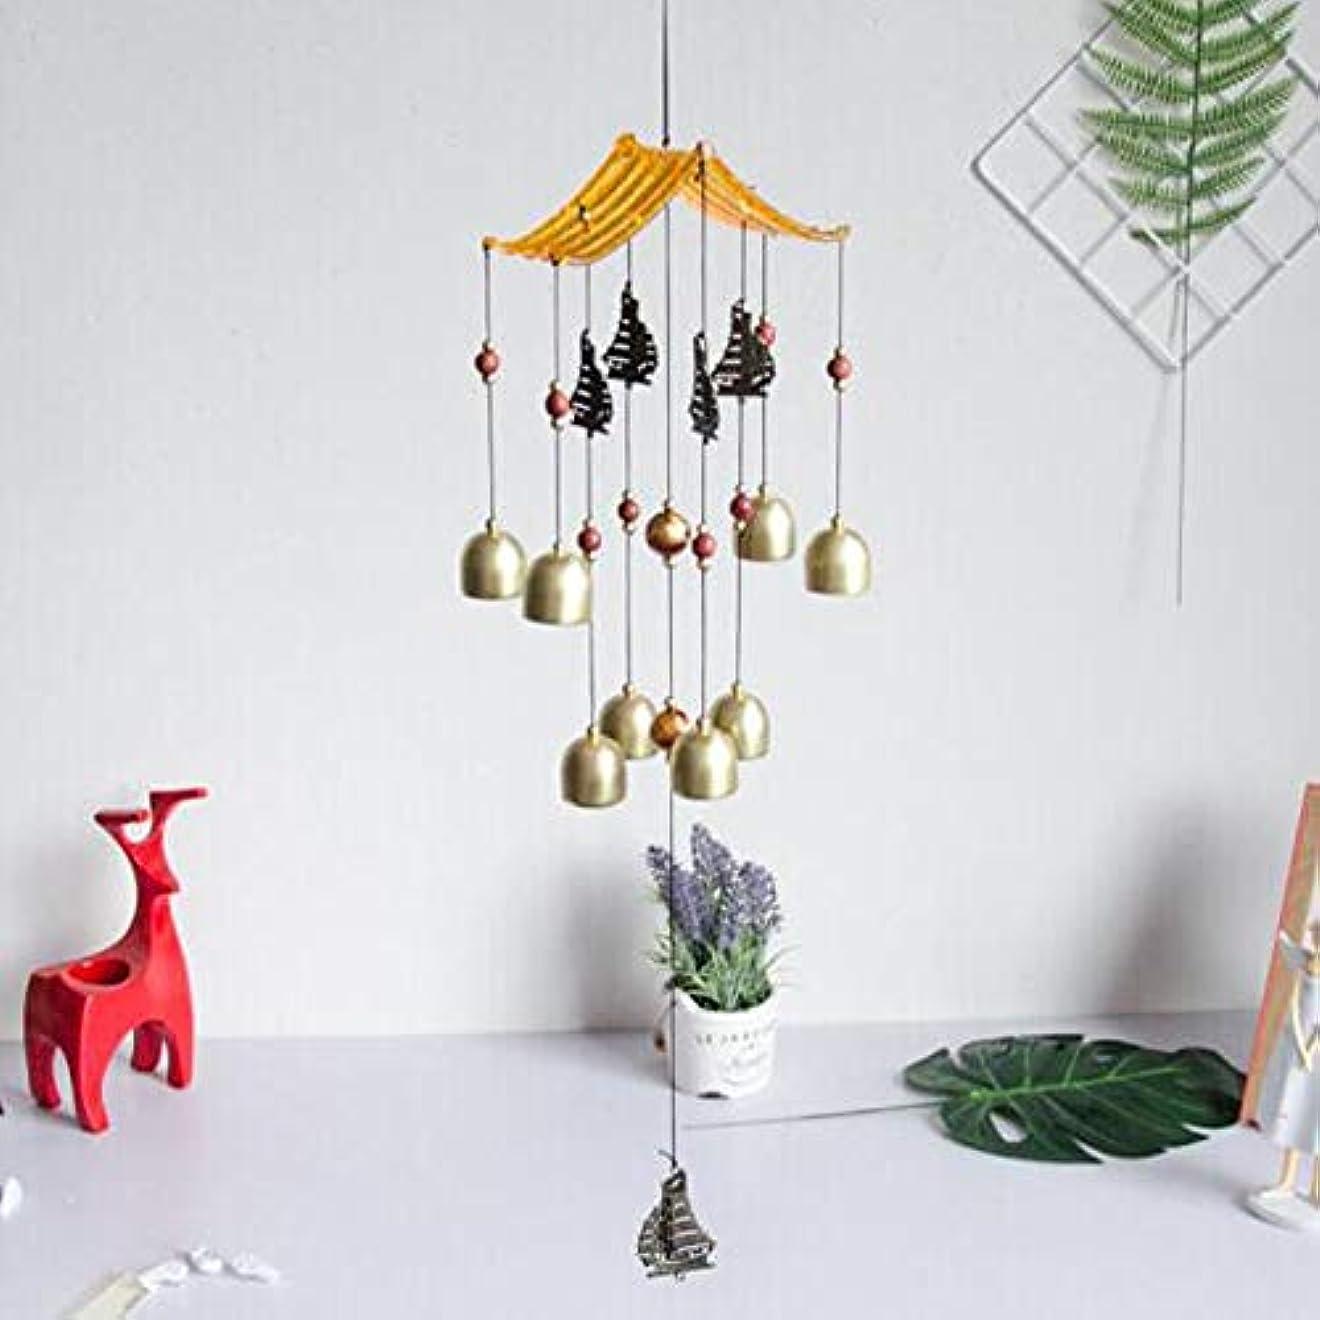 侮辱傾向がある割合Jielongtongxun 風チャイム、金属銅鐘ホームデコレーション、ブラック、サイズ62 * 13CM,絶妙な飾り (Color : Gold-A)